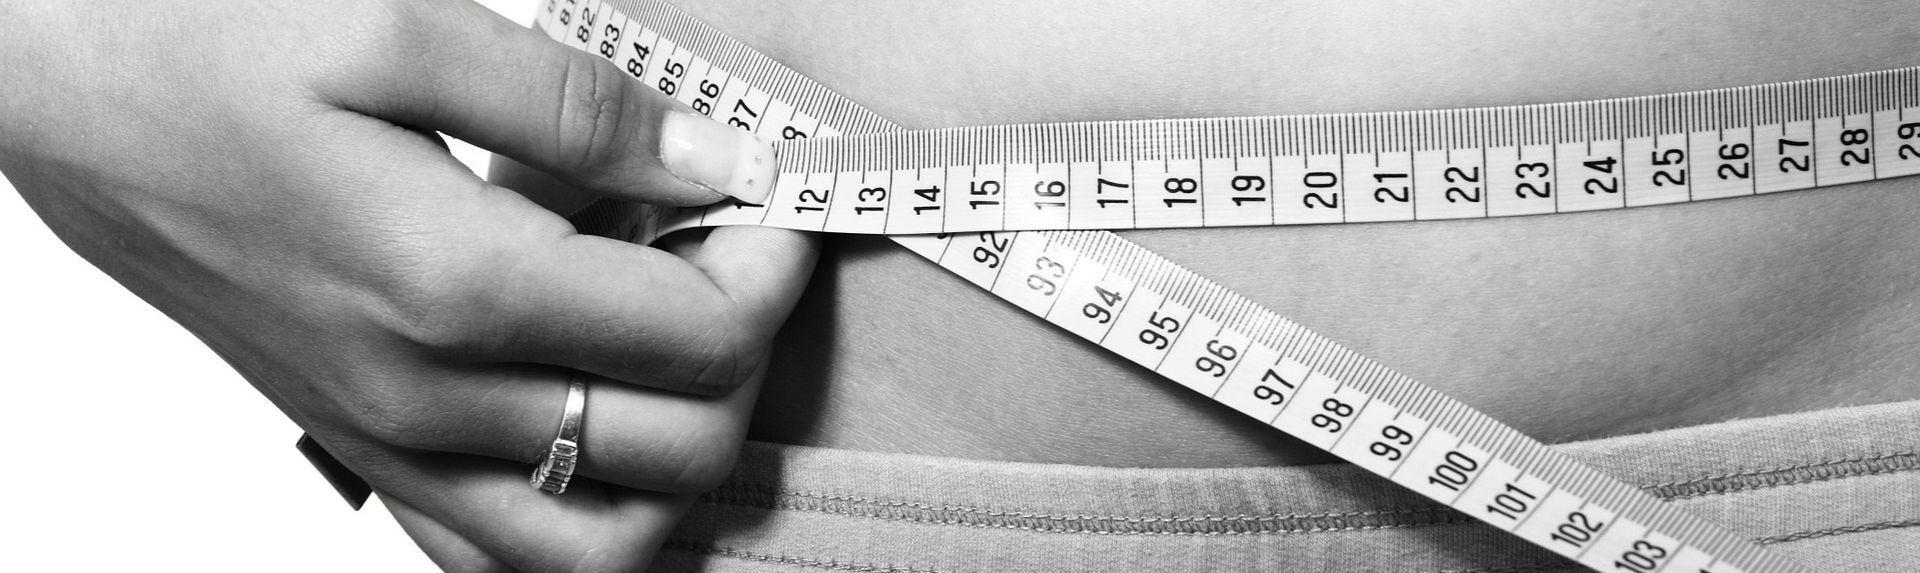 Какие гормоны влияют на вес женщины?